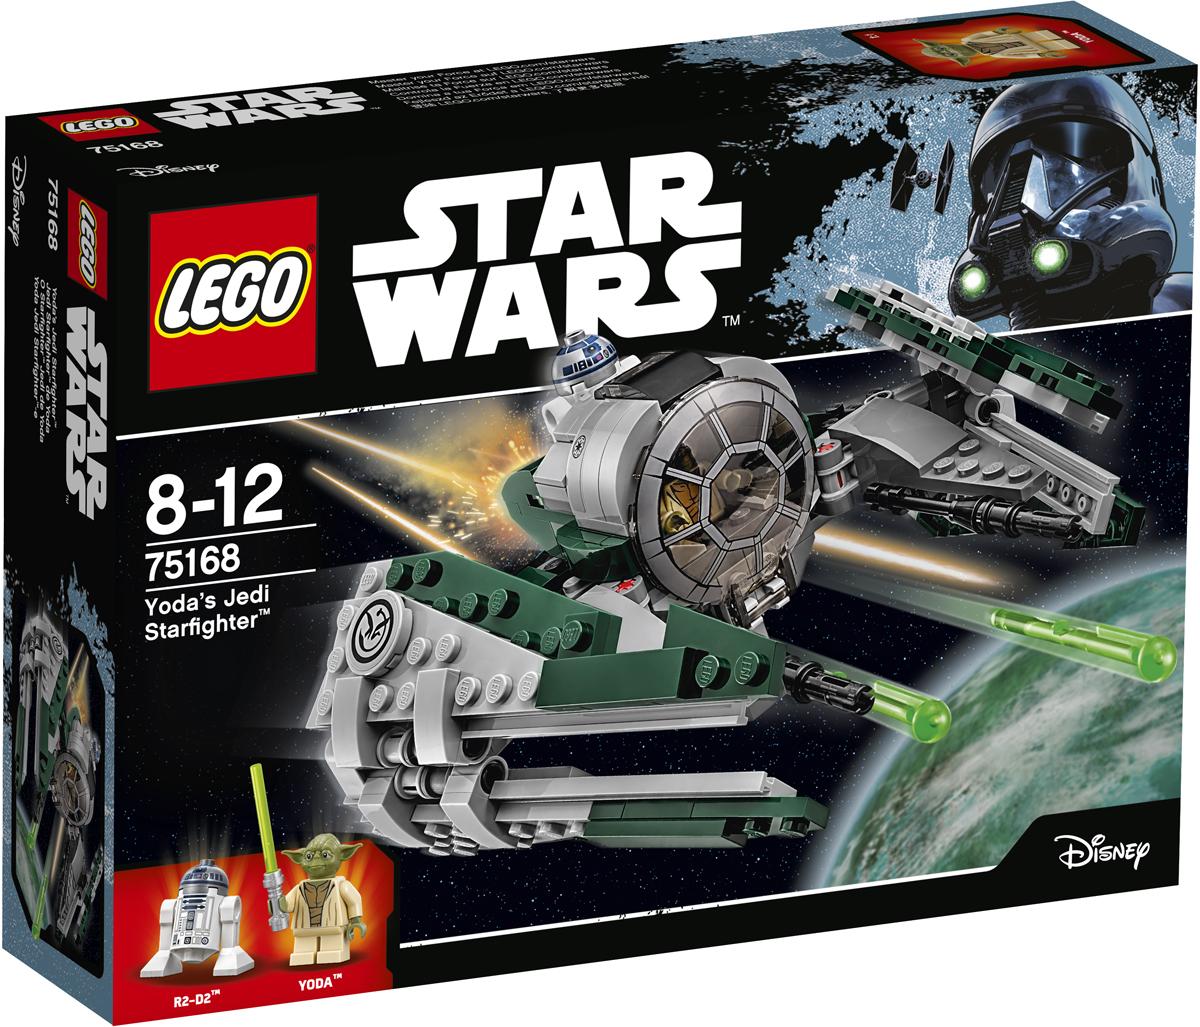 LEGO Star Wars Конструктор Звездный истребитель Йоды 75168 футболка классическая printio r2 d2 star wars